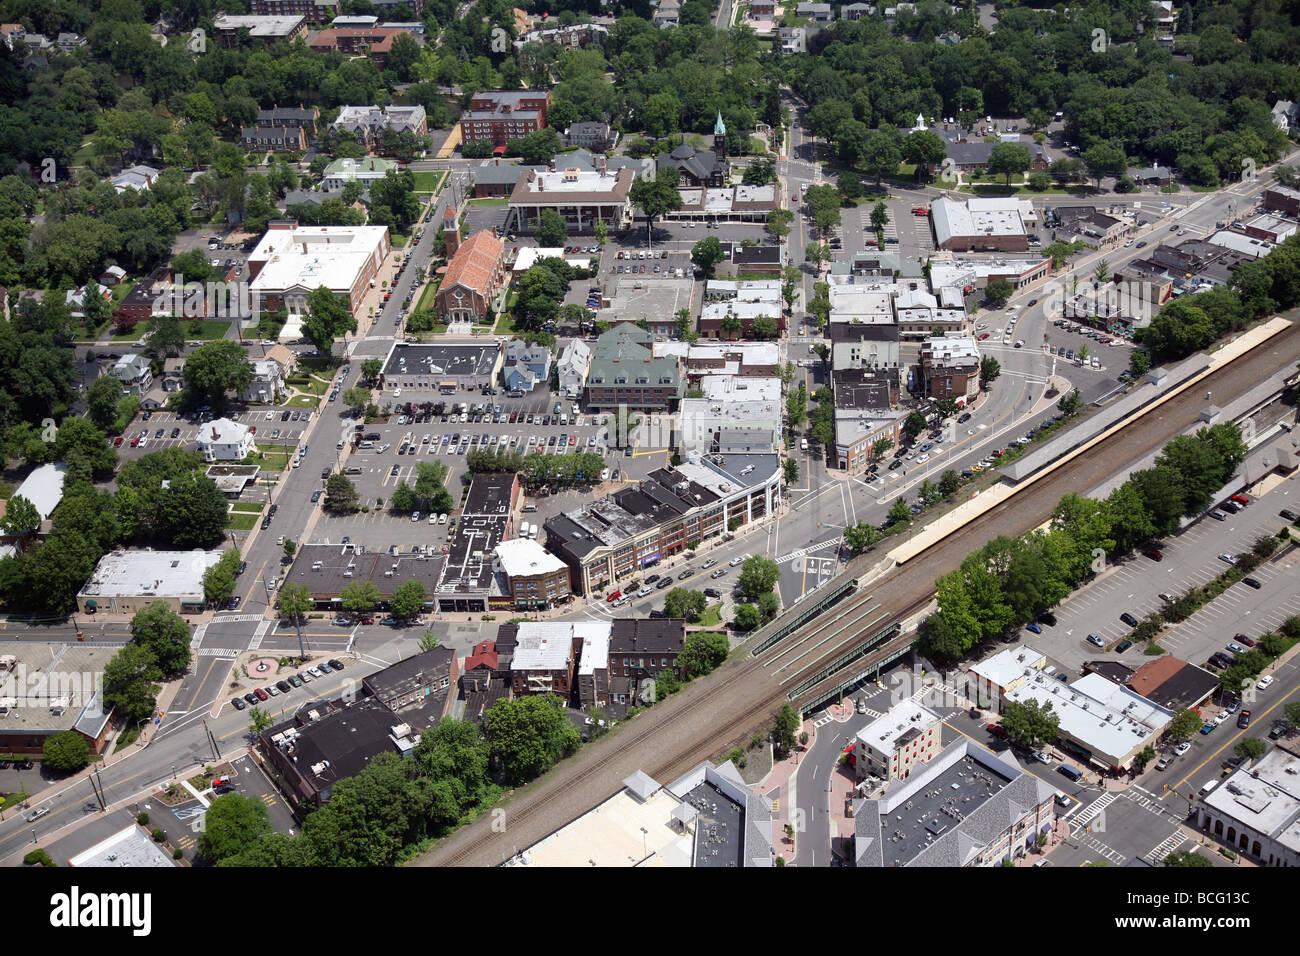 Luftaufnahme von Cranford, New Jersey. Union County USA Vereinigte Staaten Stockbild